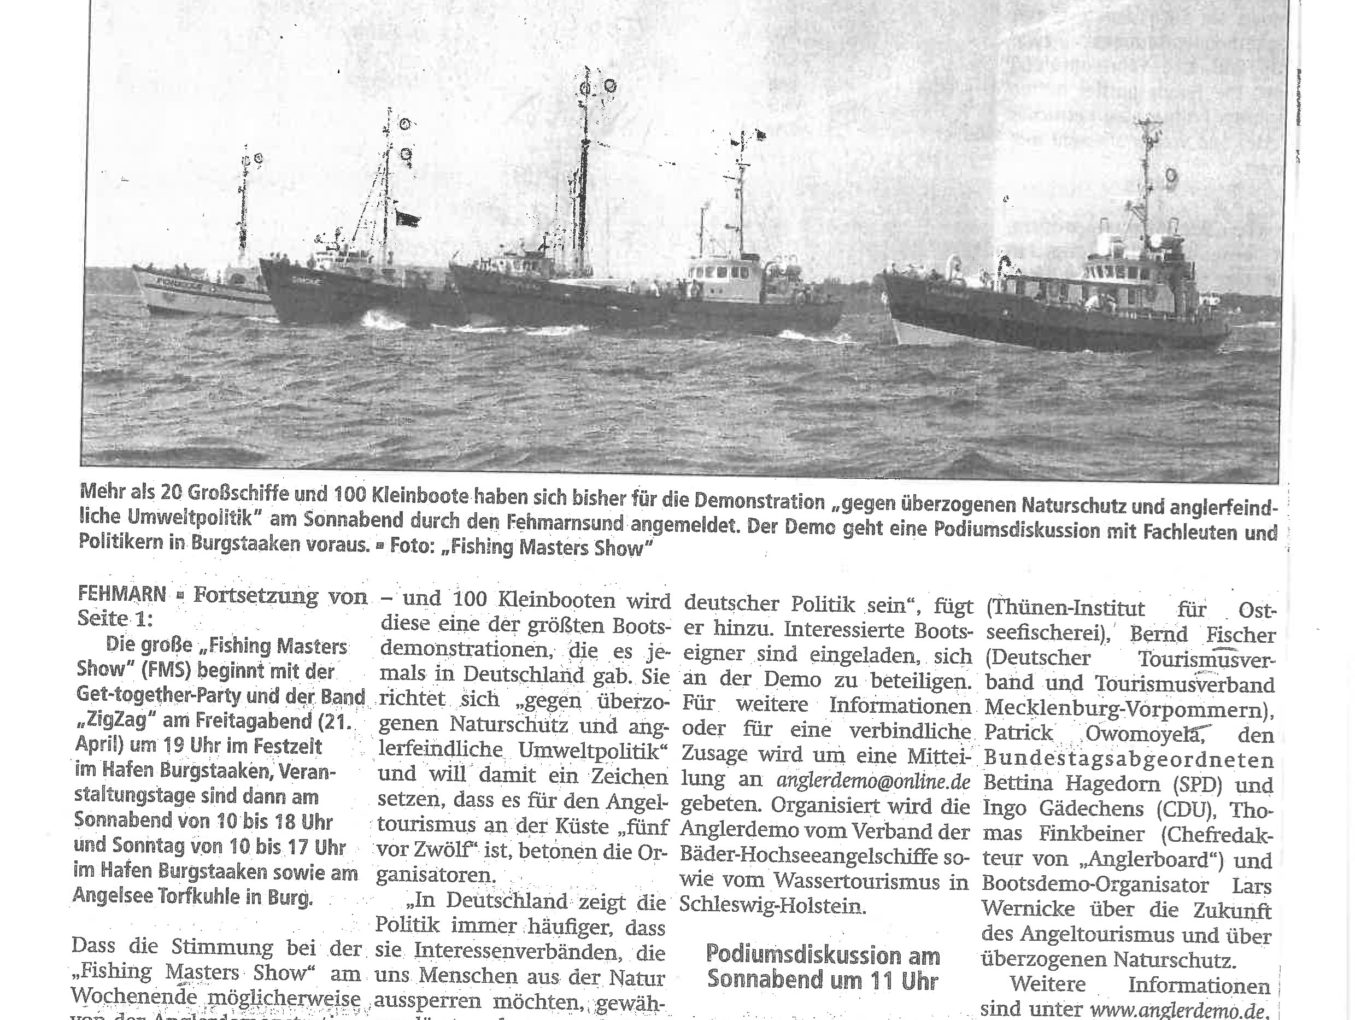 Größte Bootsdemo, die es jemals in Deutschland gab